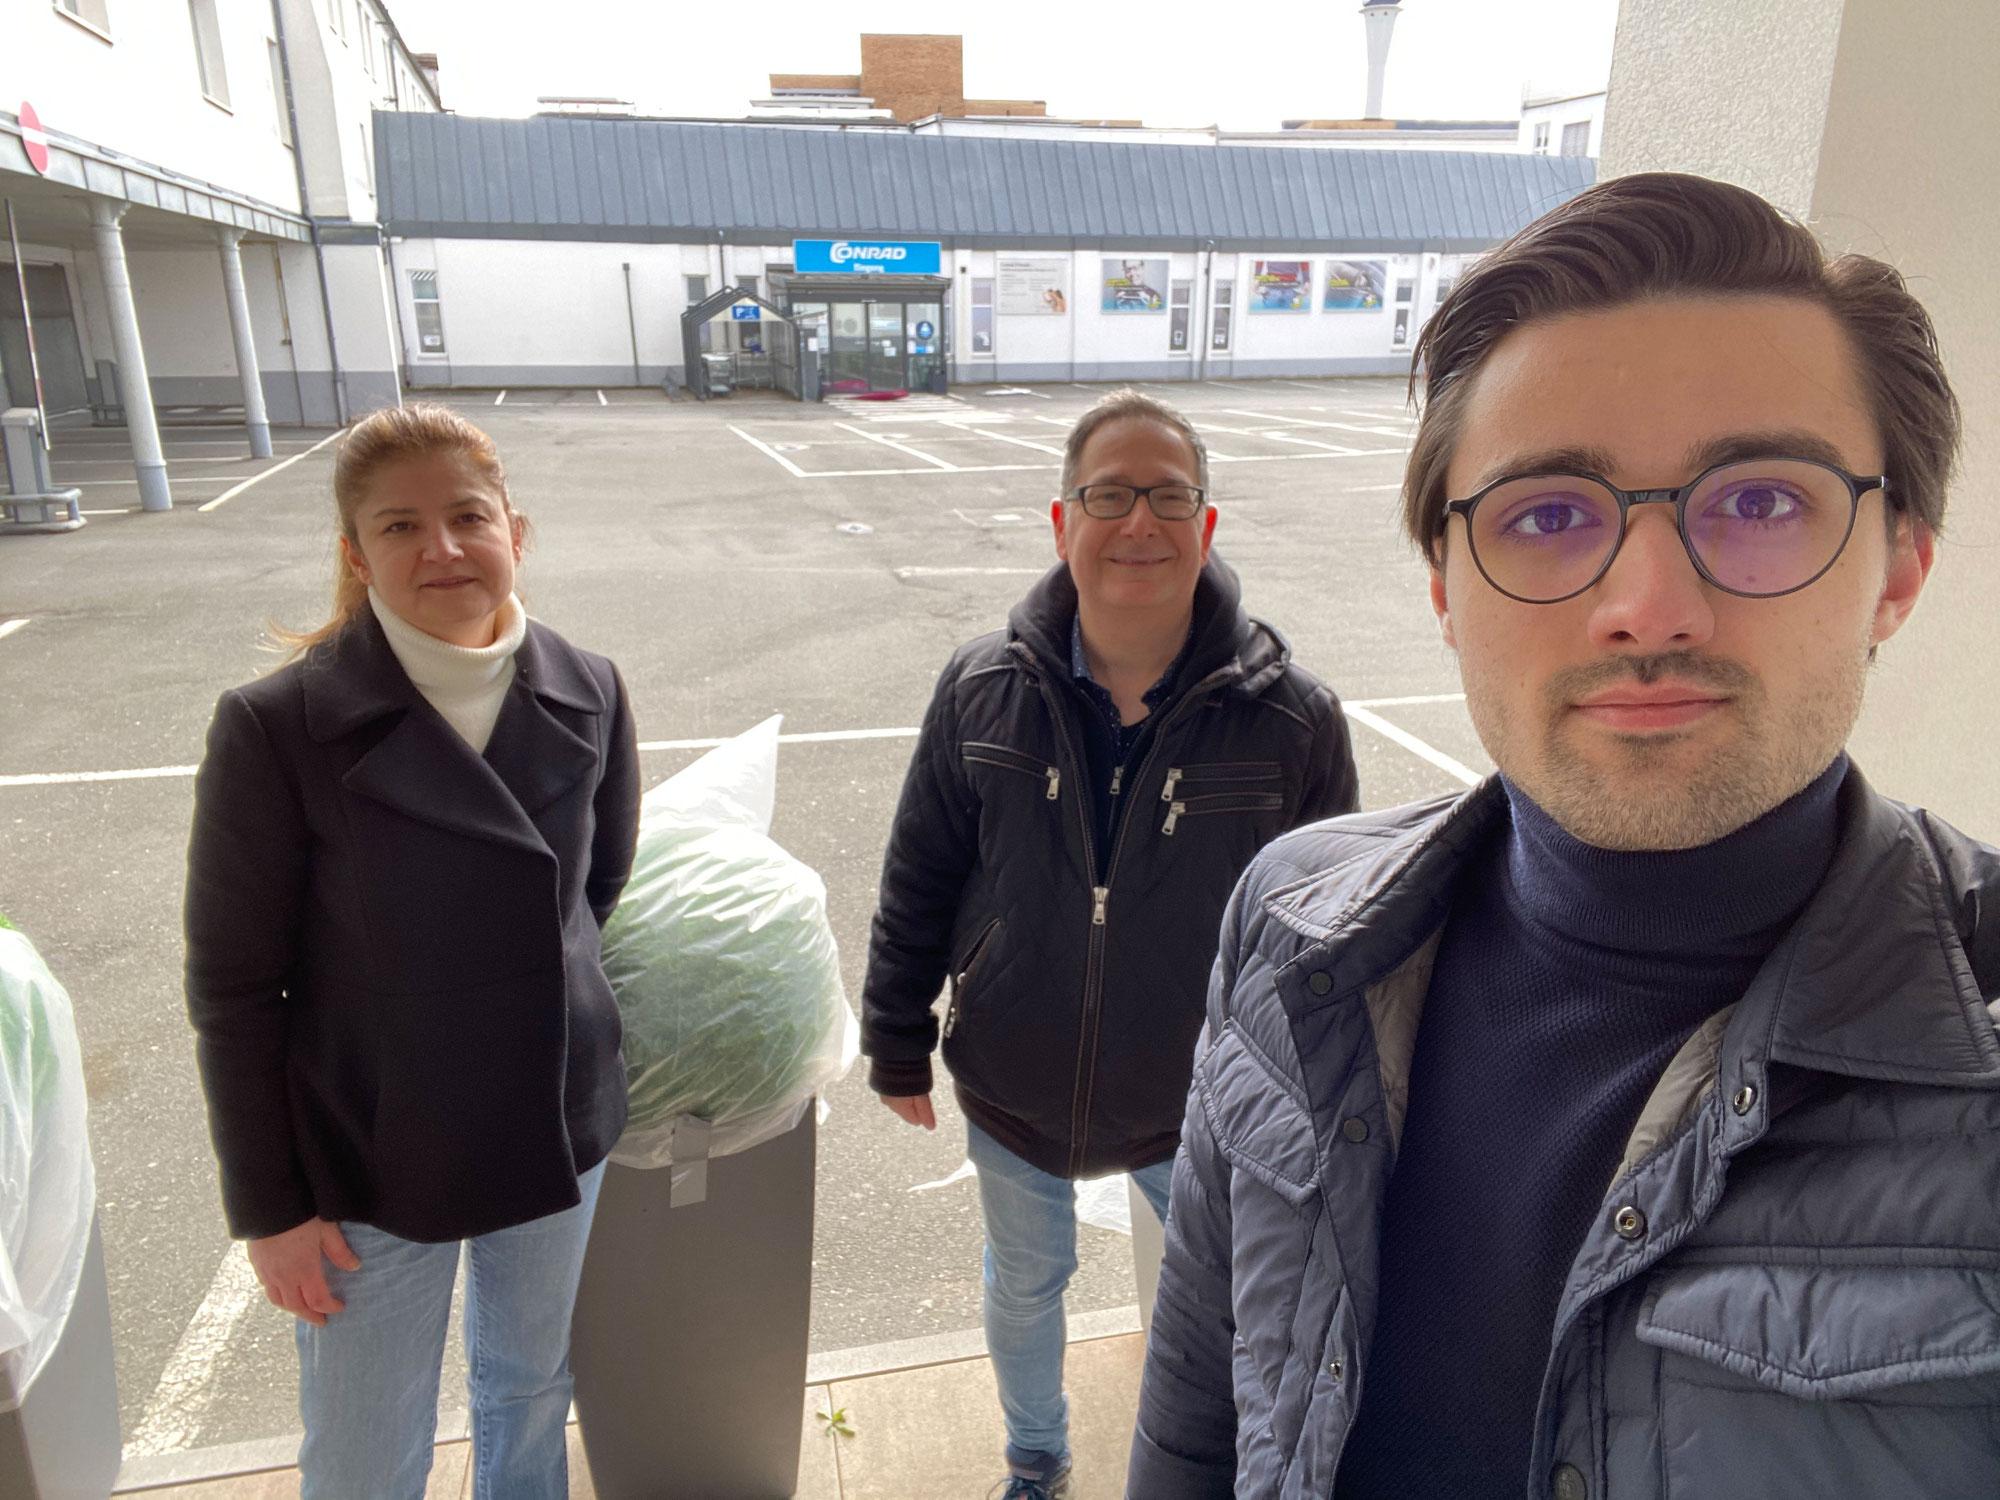 Pressemitteilung der SPD Muggenhof zu Conrad Elektronik